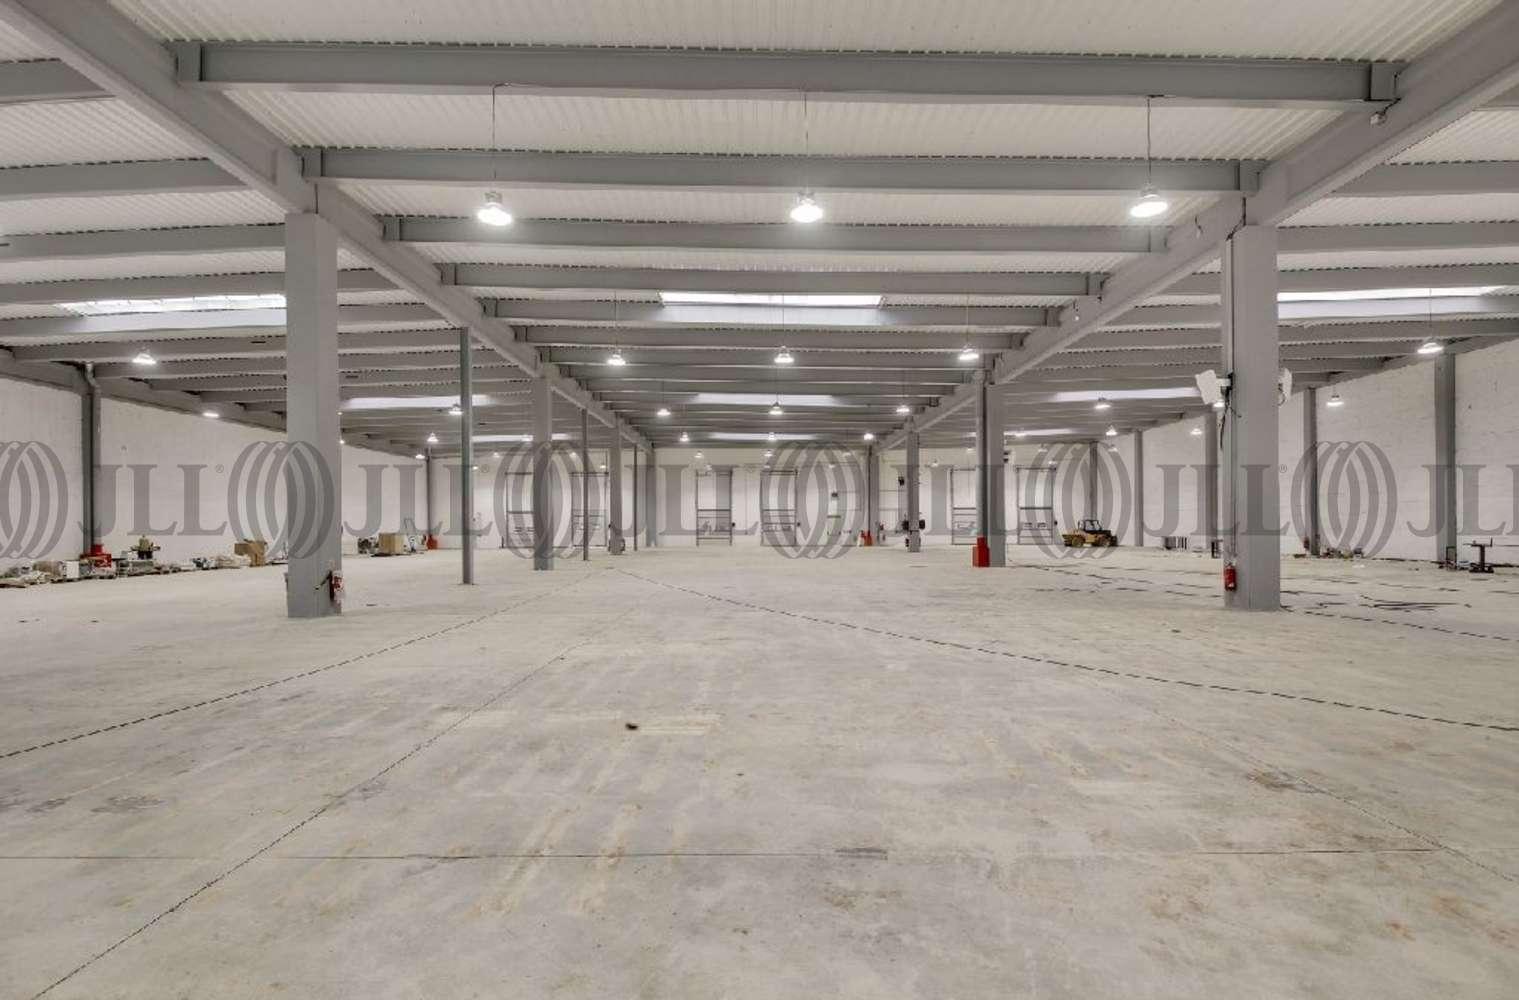 Activités/entrepôt Tremblay en france, 93290 - IDF NORD / POLE DE ROISSY - 10876125